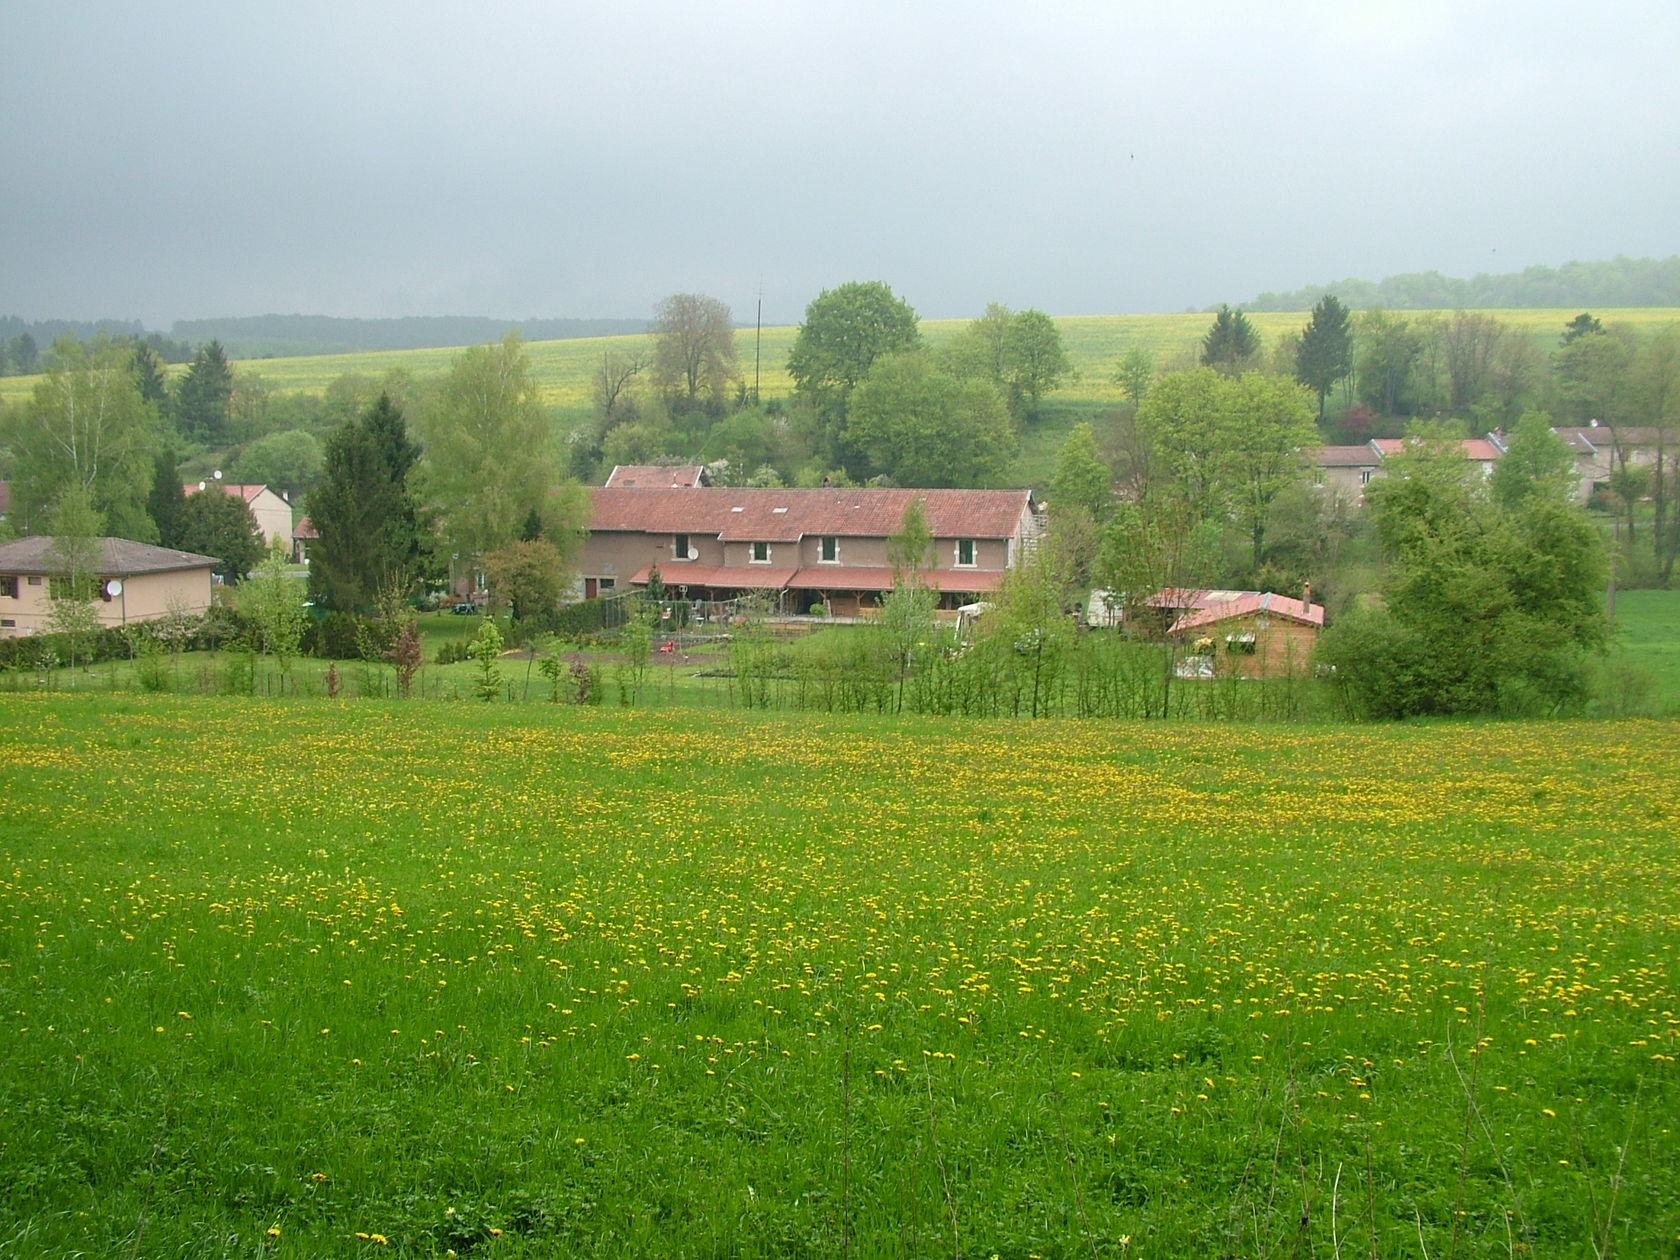 Bekijk vakantiehuis Mijnfrankrijk in Meuse - Lorraine - Gites.nl